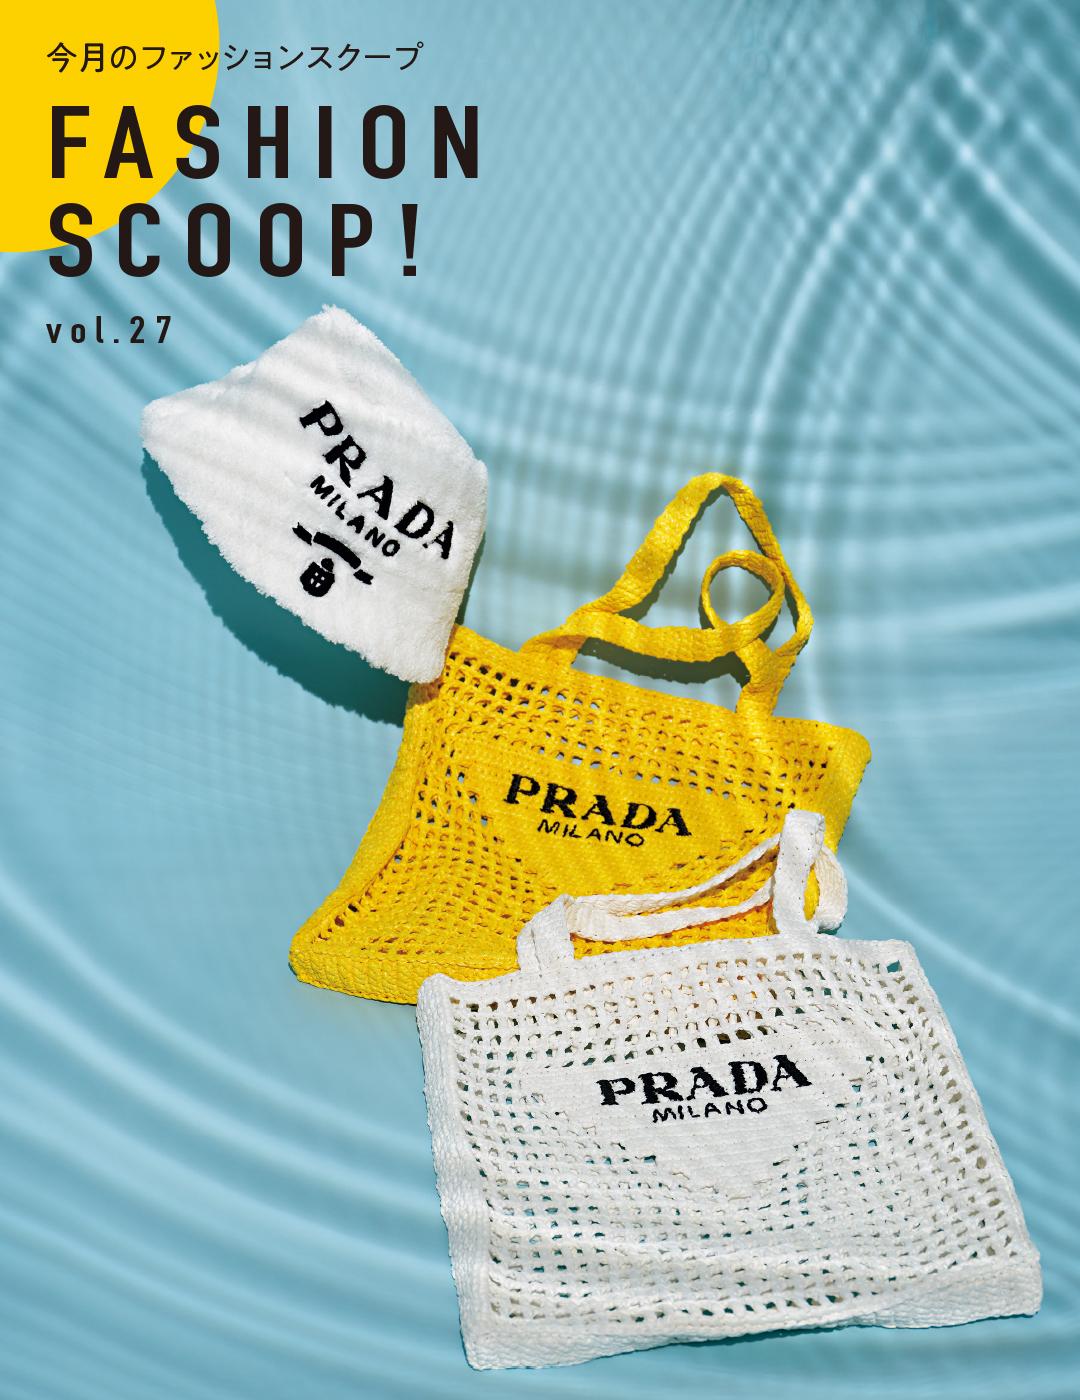 今月のファッションスクープ FASHION SCOOP! vol.27